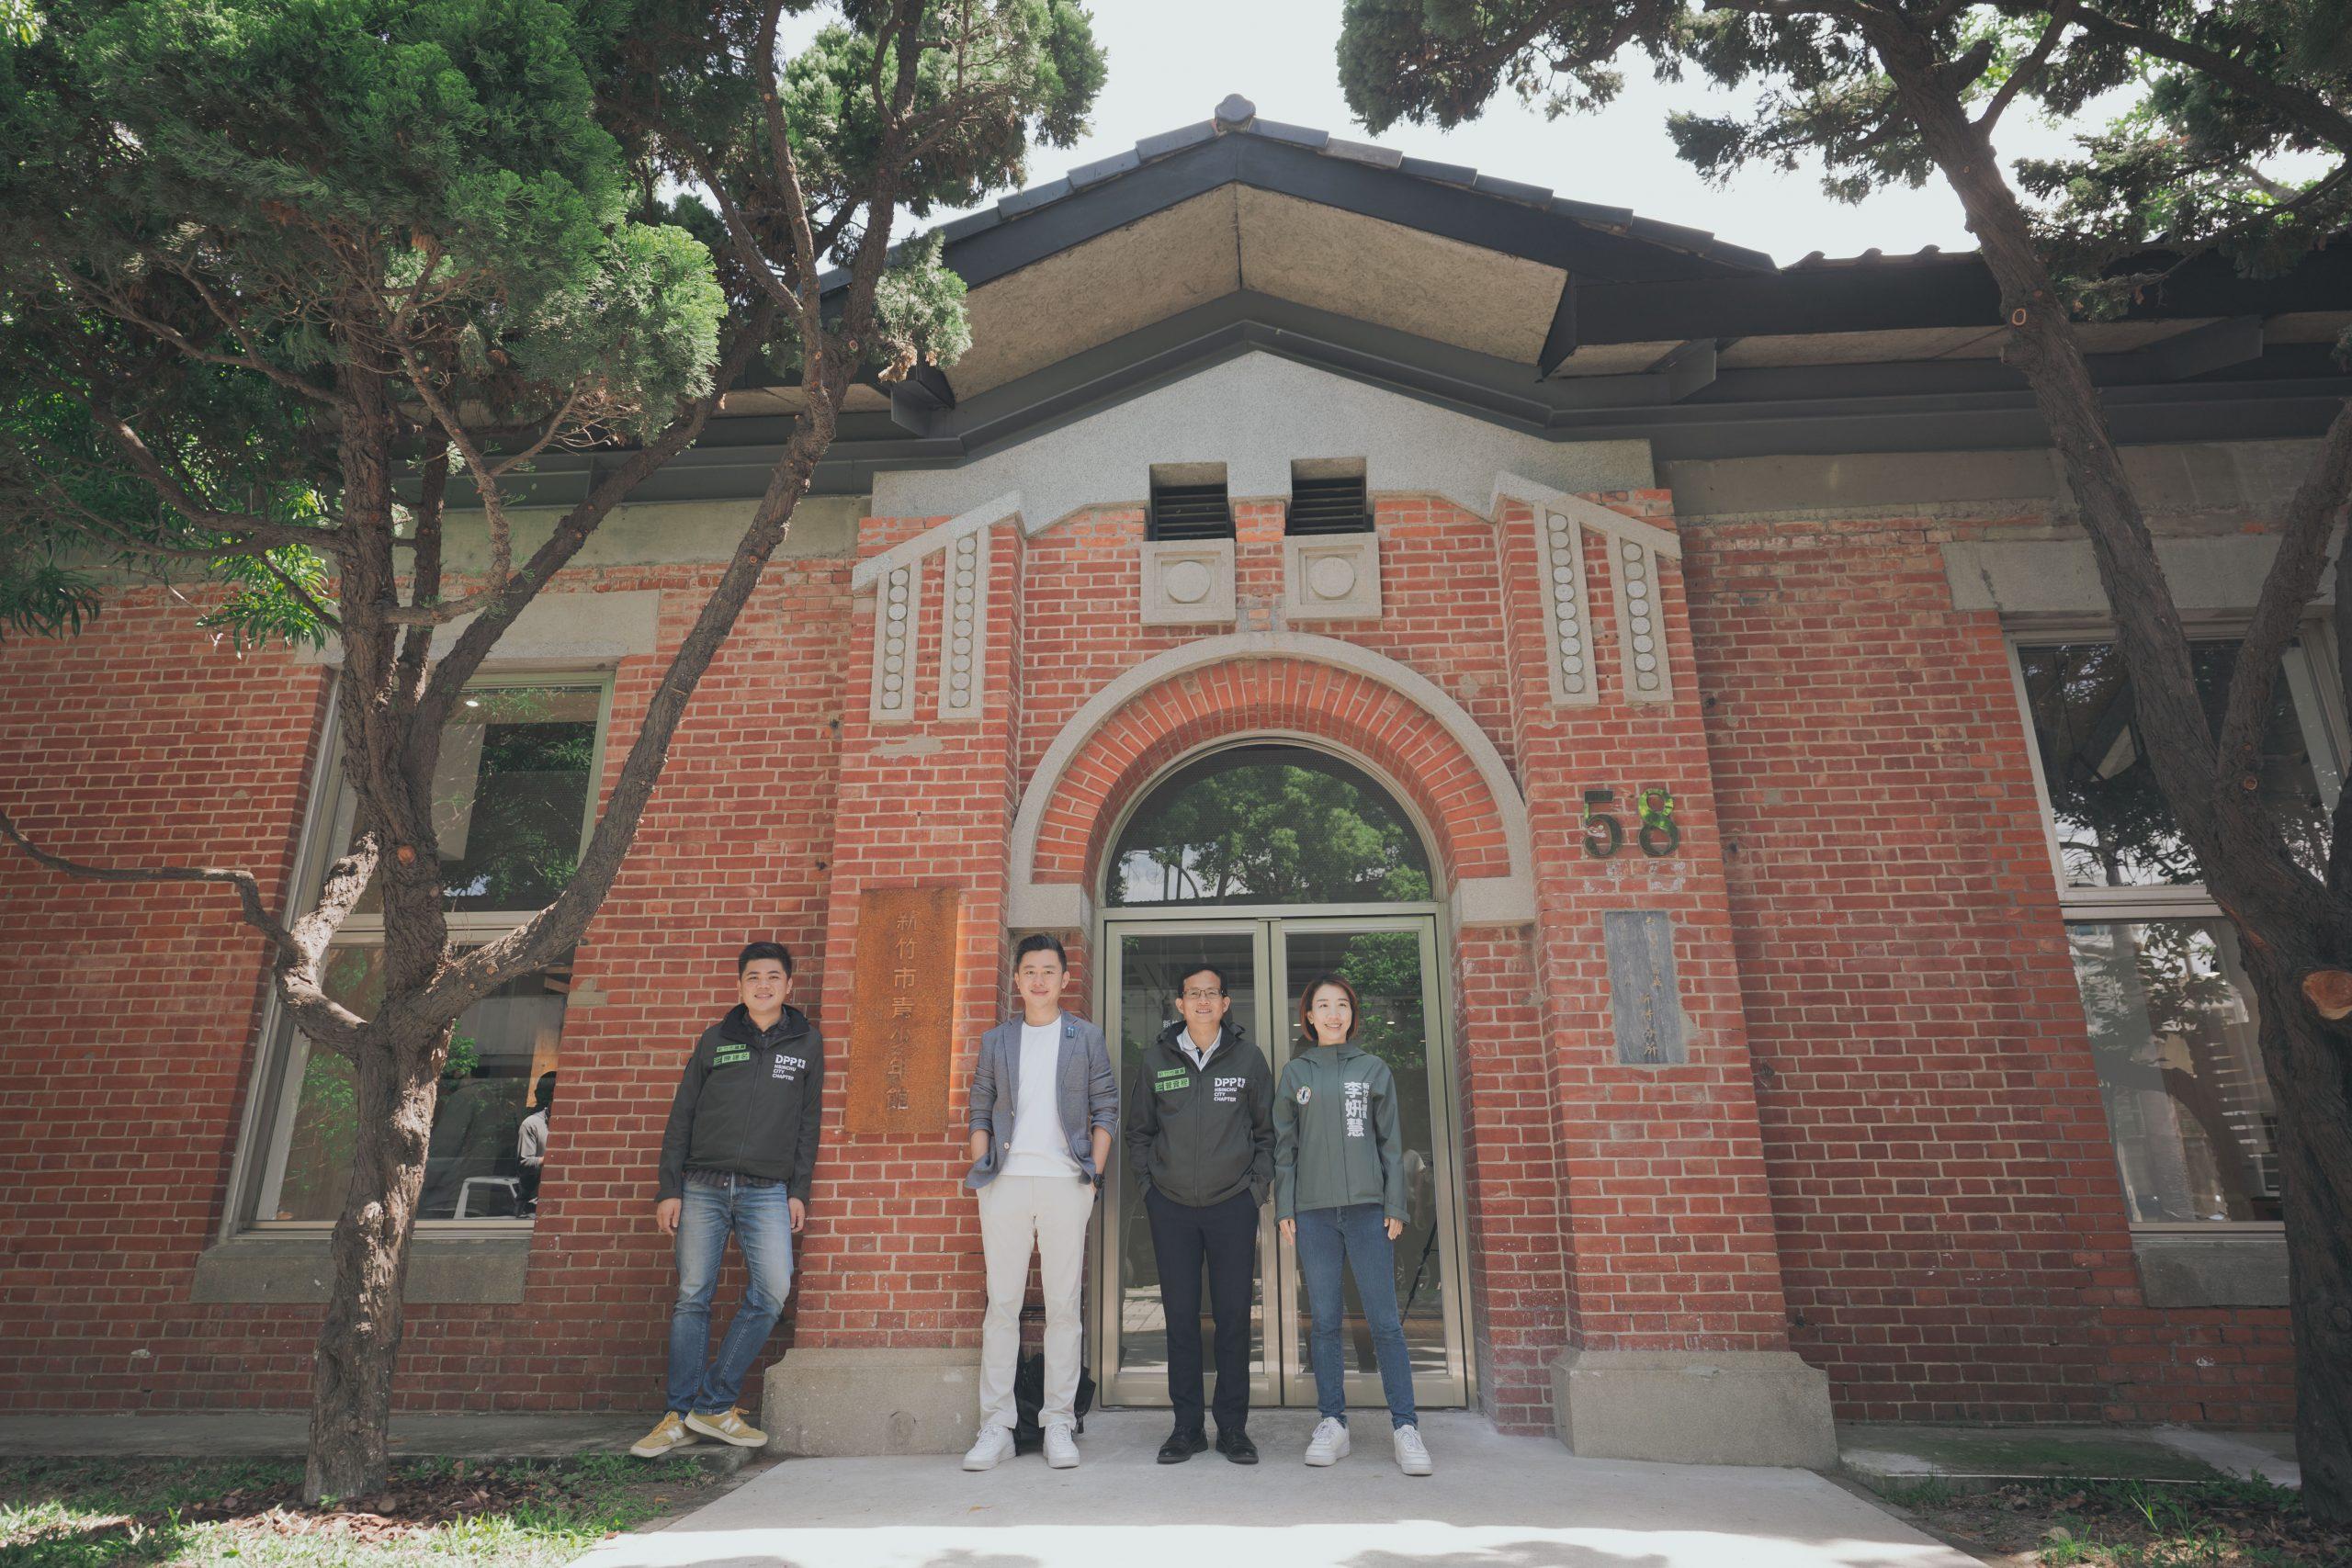 竹市第7座分館「青少年館」啟用 百年日式紅磚圖書館藏書3千冊